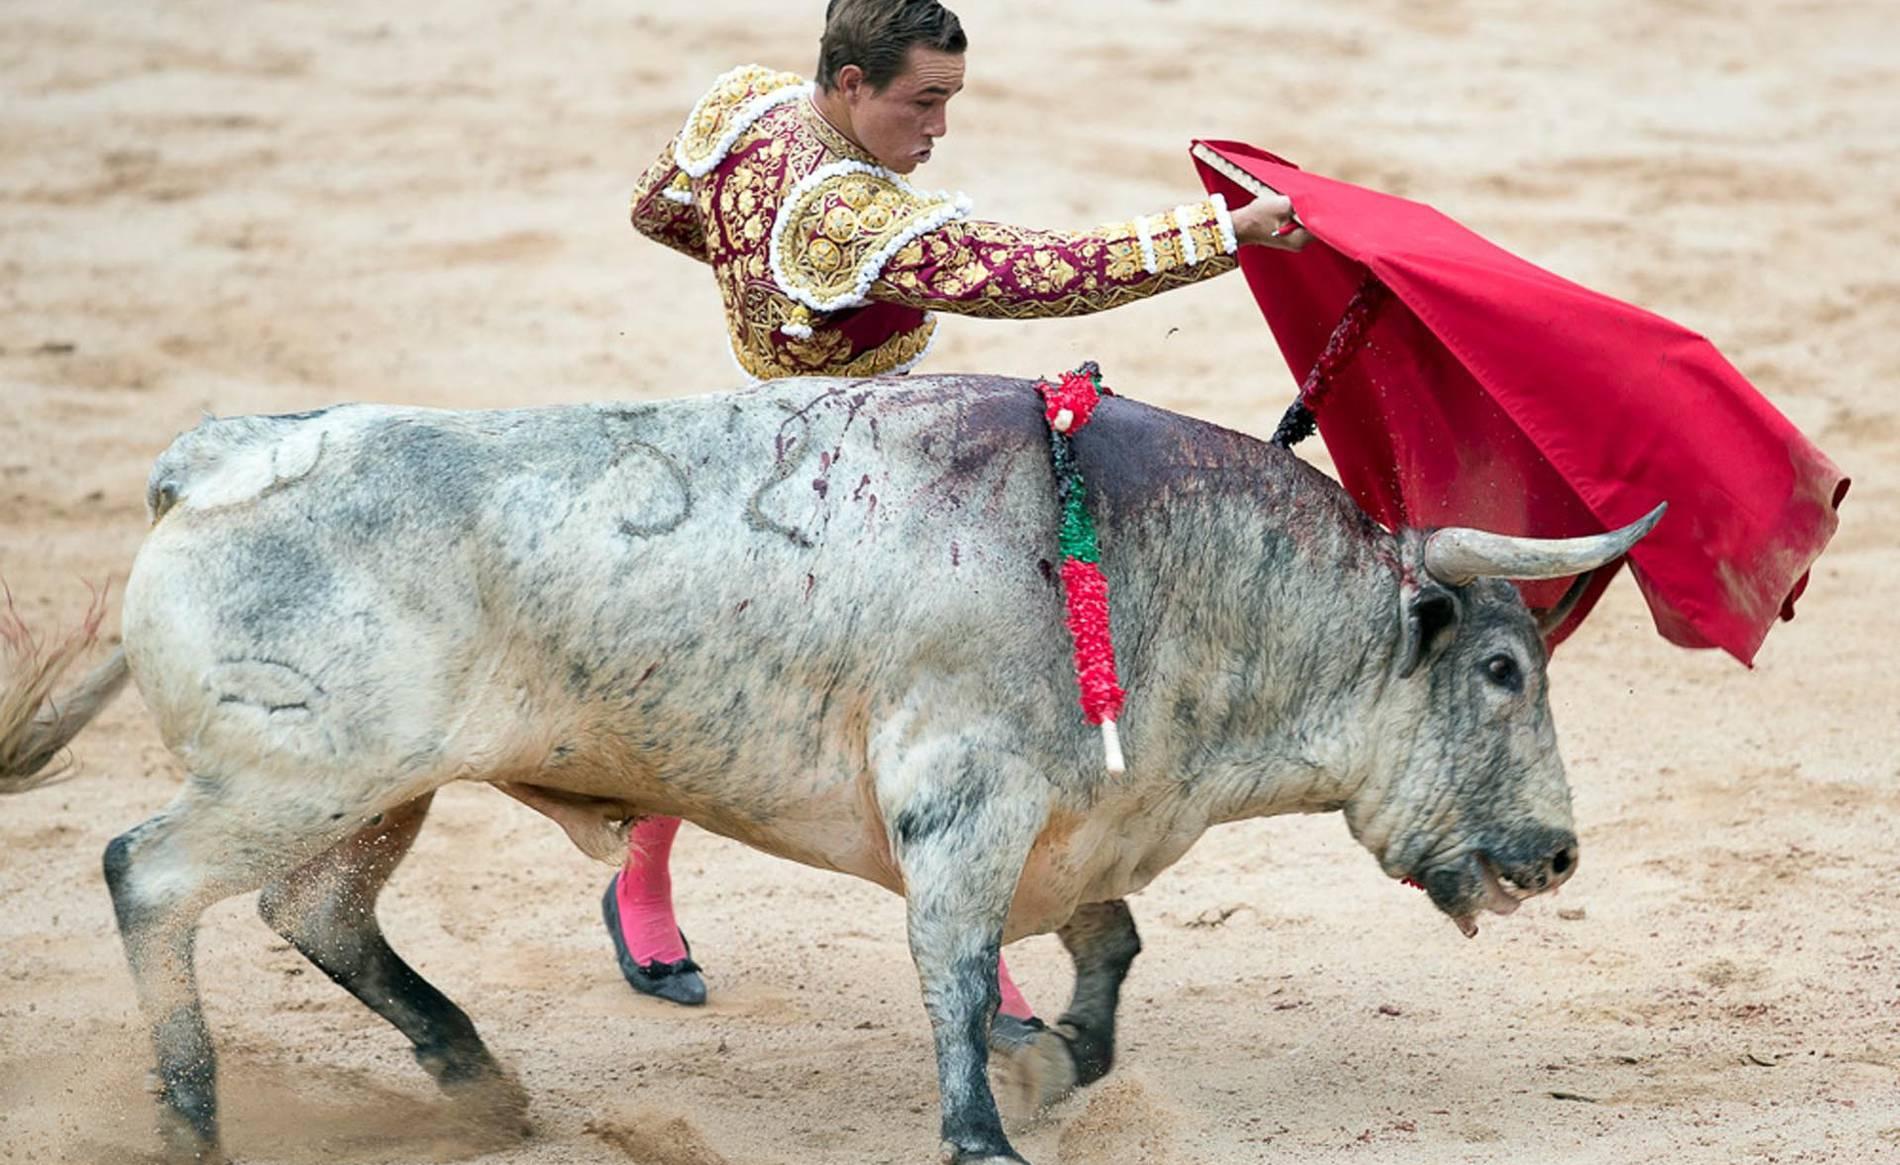 Corrida del día 7 (1/76) - Imágenes de la primera corrida de las fiestas de San Fermín 2017. - San Fermín -